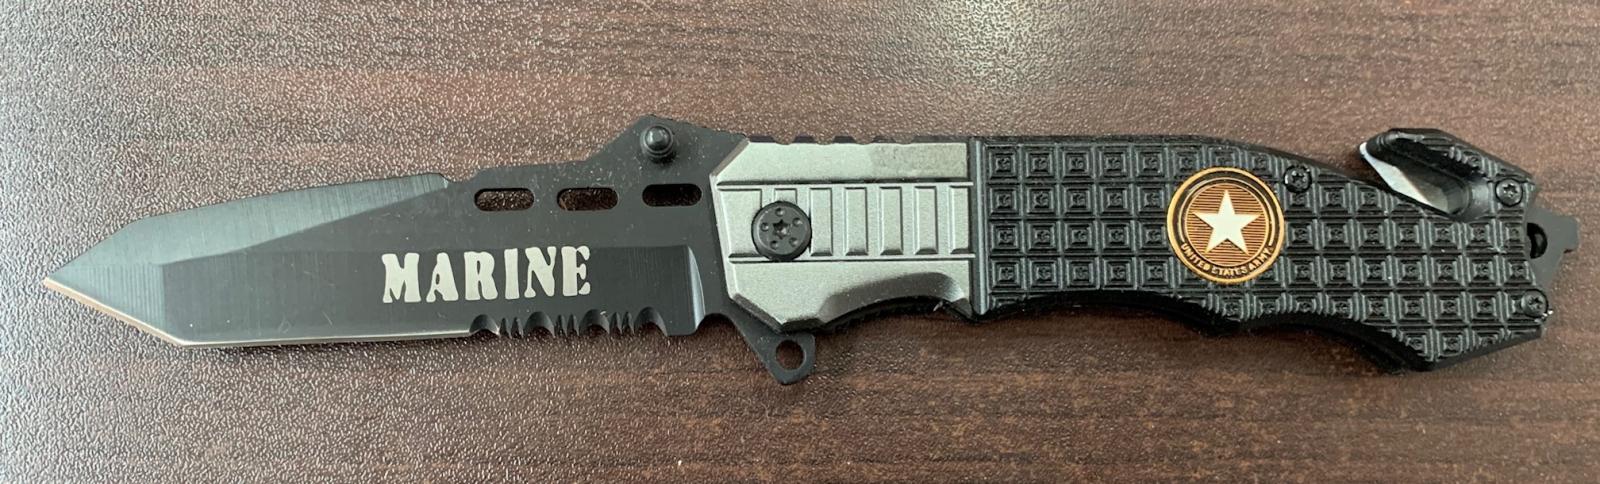 Складной нож Marine со стропорезом и стеклобоем